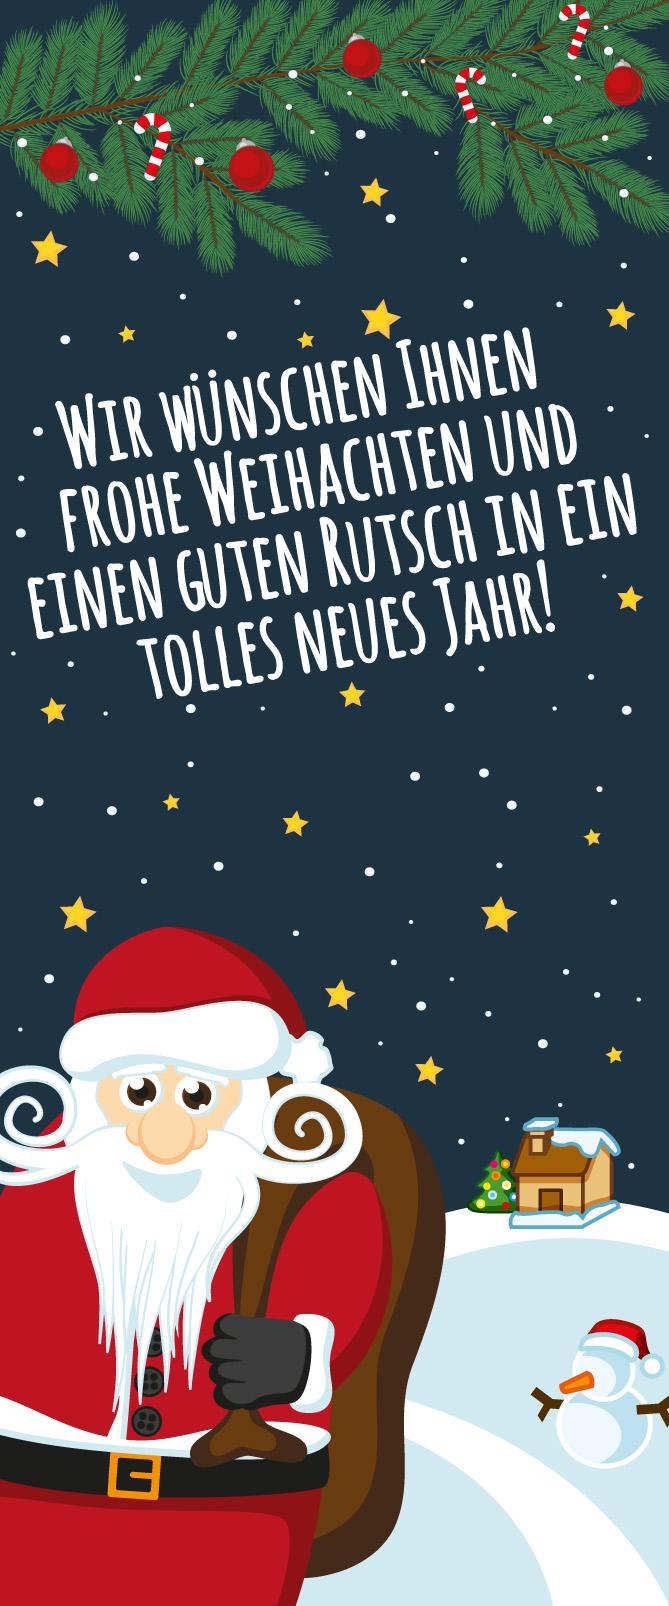 Der Weihnachtsmann bringt Geschenke